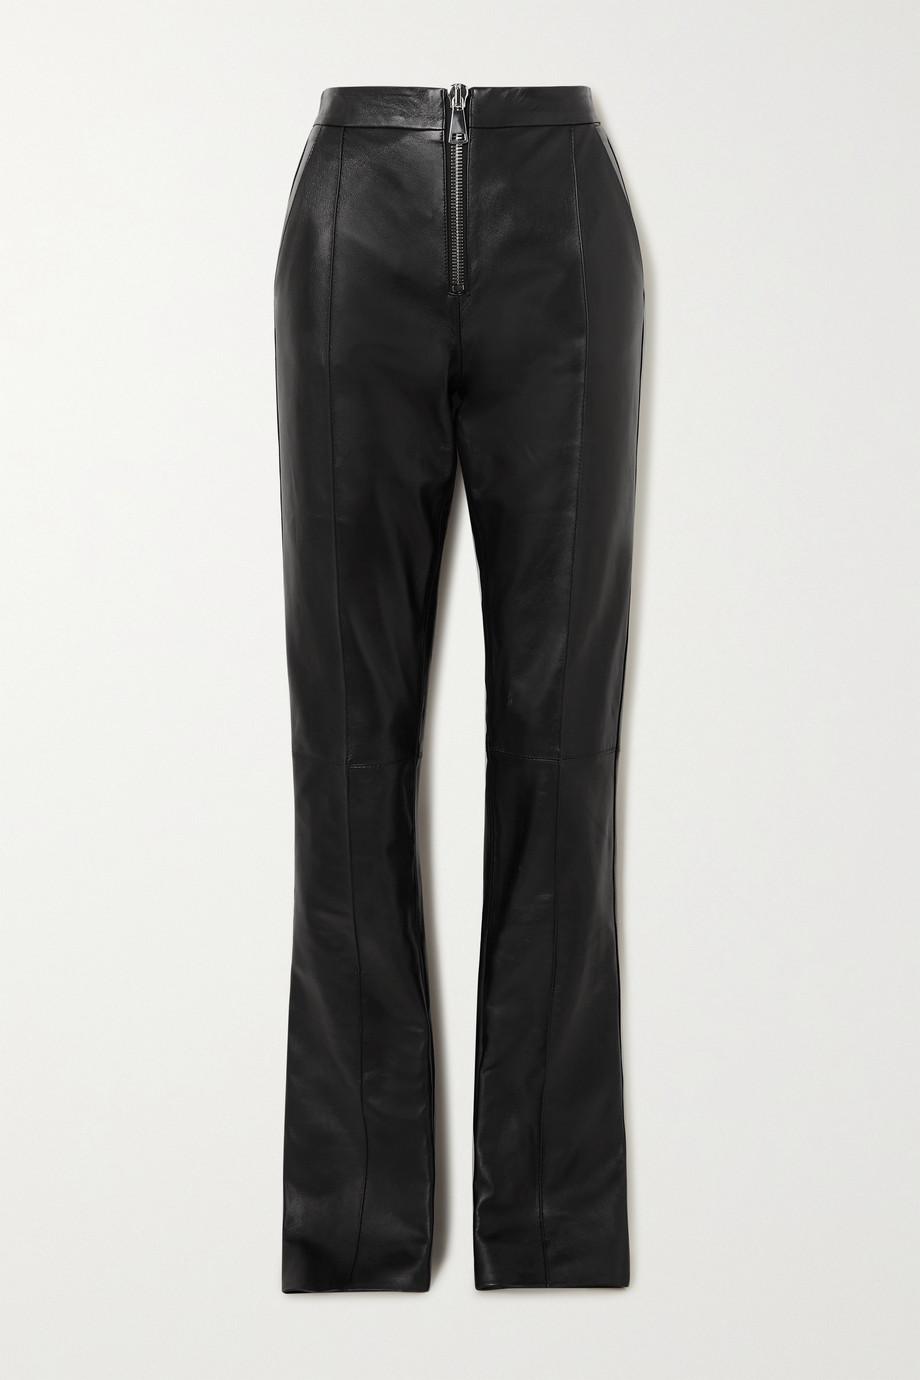 16ARLINGTON Pantalon slim en cuir Darien